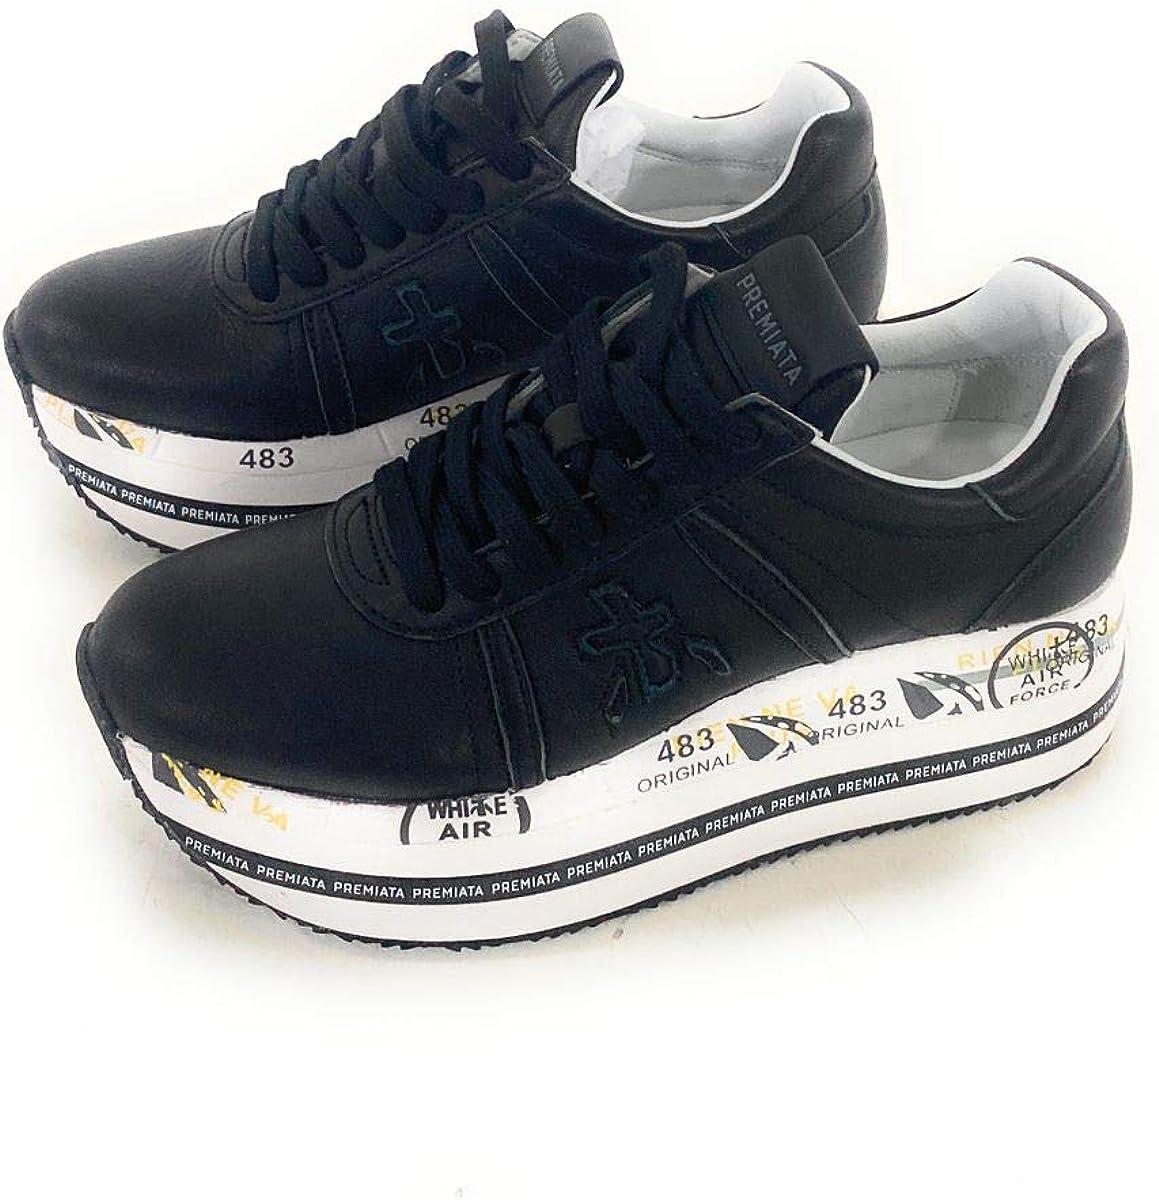 PREMIATA Scarpe Donna Sneakers Beth 3873 Pelle Nera Nuove Nero